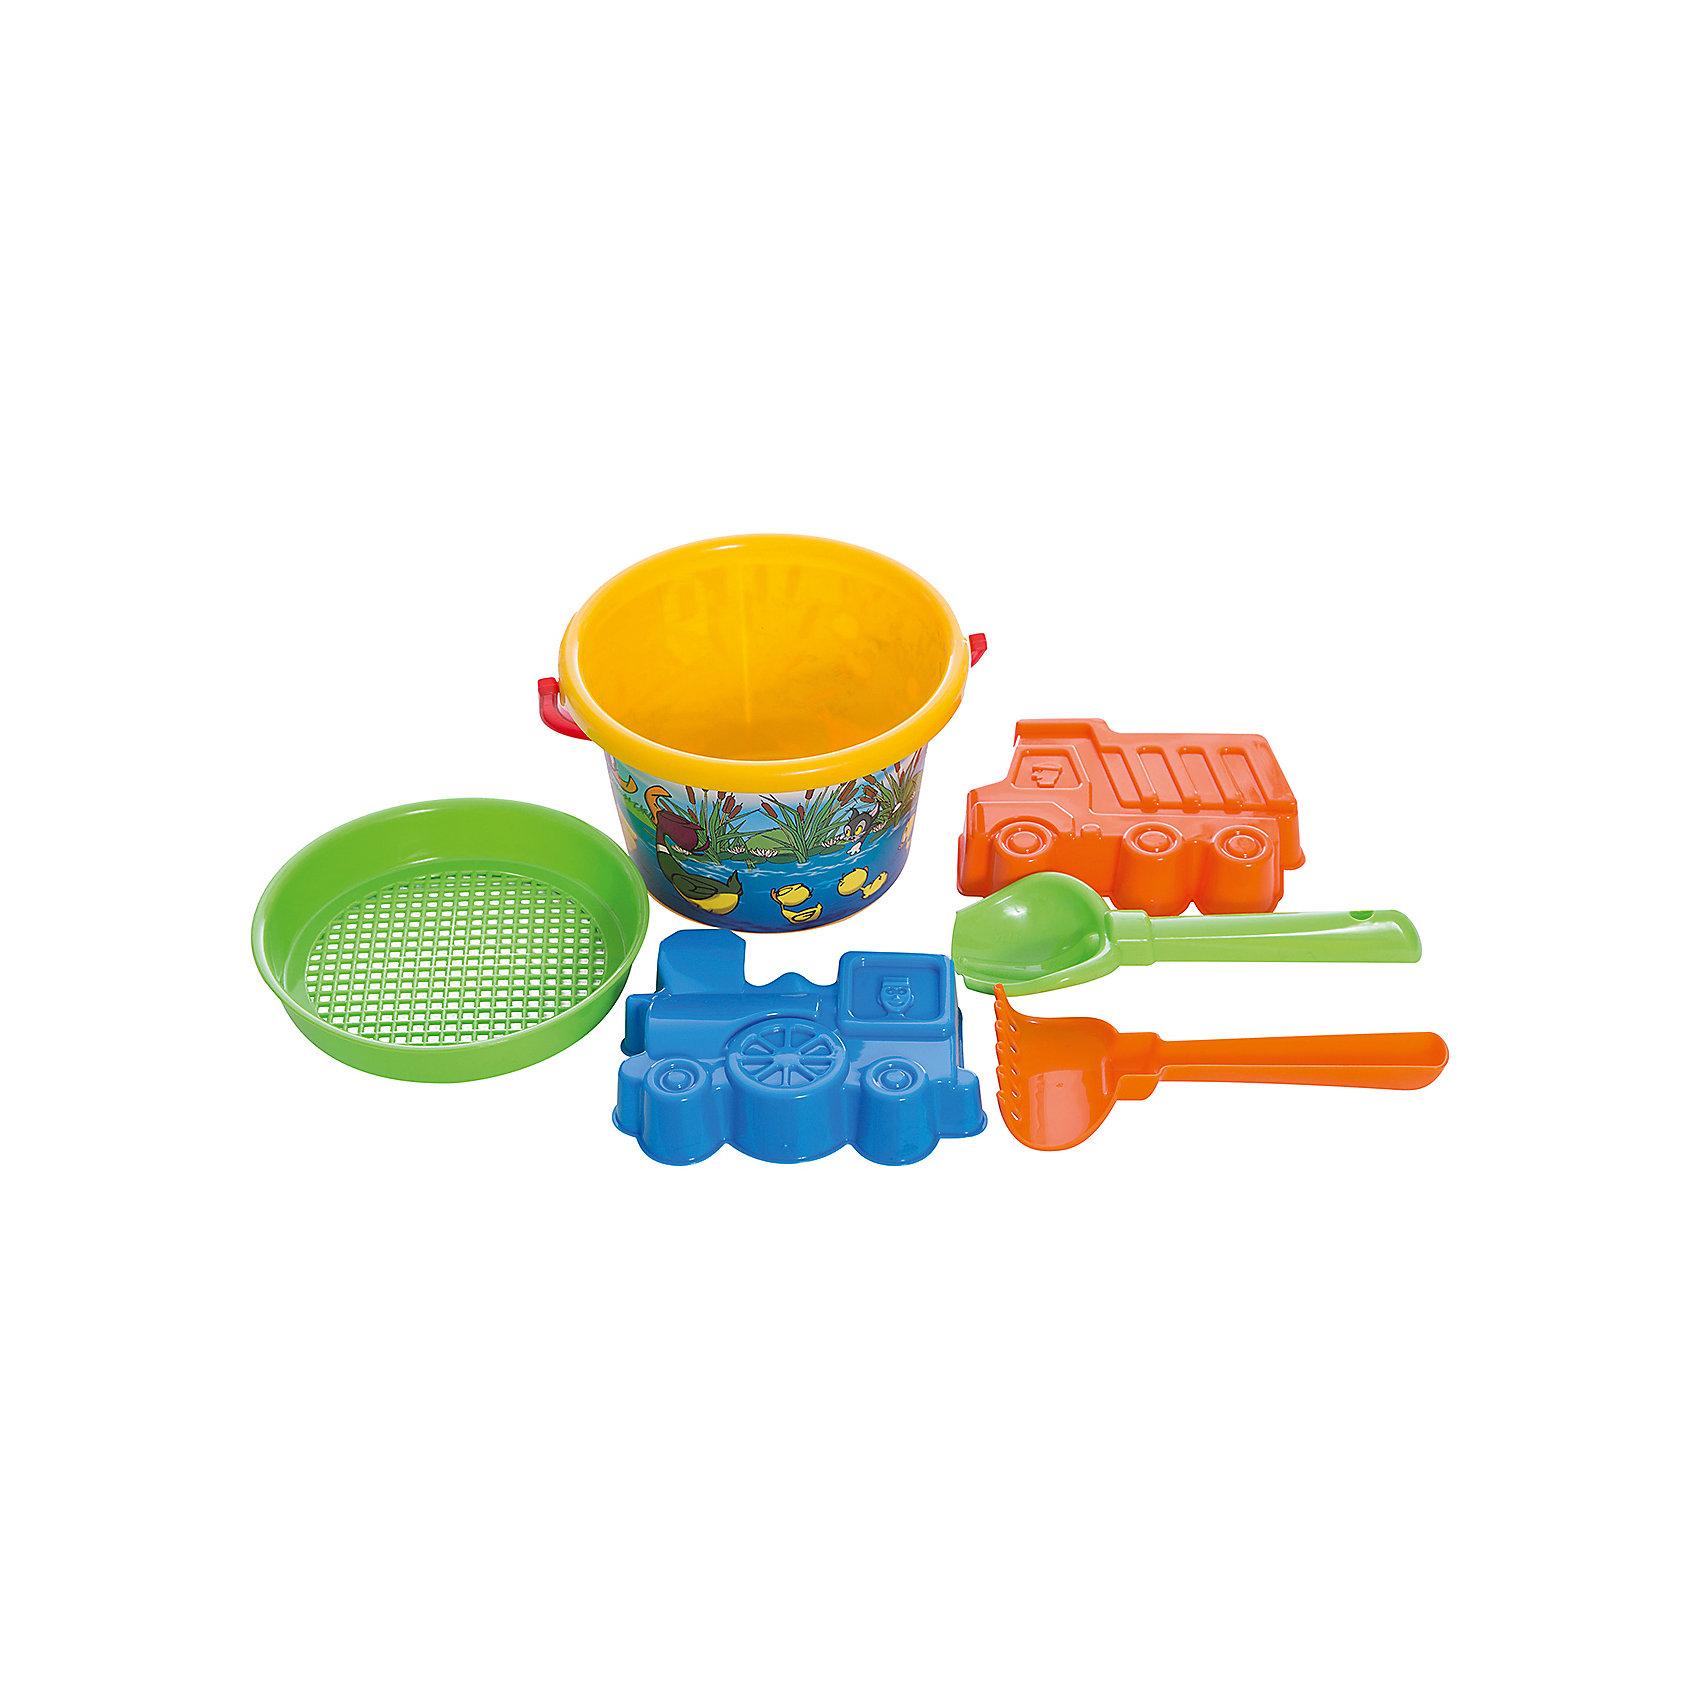 Песочный набор №252 (6 предметов), ПолесьеИграем в песочнице<br>Песочный набор №252 (6 предметов), Полесье идеально подходит для веселых игр на природе!<br><br>Игра с песком и водой развивает фантазию и воображение, конструкторские способности, способствует развитию тактильных ощущений, мелкой и крупной моторики рук ребёнка, а также его двигательной активности.<br><br>Комплектация: ведерко, ситечко, совок, грабельки, формочки (самосвал и паровоз)<br><br>Дополнительная информация:<br><br>-Материалы: пластмасса<br><br>Набор для песка, изготовленный из прочного безопасного пластика, отлично подойдет ребенку для различных игр на свежем воздухе.<br><br>Песочный набор №252 (6 предметов), Полесье можно купить в нашем магазине.<br><br>Ширина мм: 170<br>Глубина мм: 165<br>Высота мм: 155<br>Вес г: 200<br>Возраст от месяцев: 12<br>Возраст до месяцев: 60<br>Пол: Унисекс<br>Возраст: Детский<br>SKU: 3650291